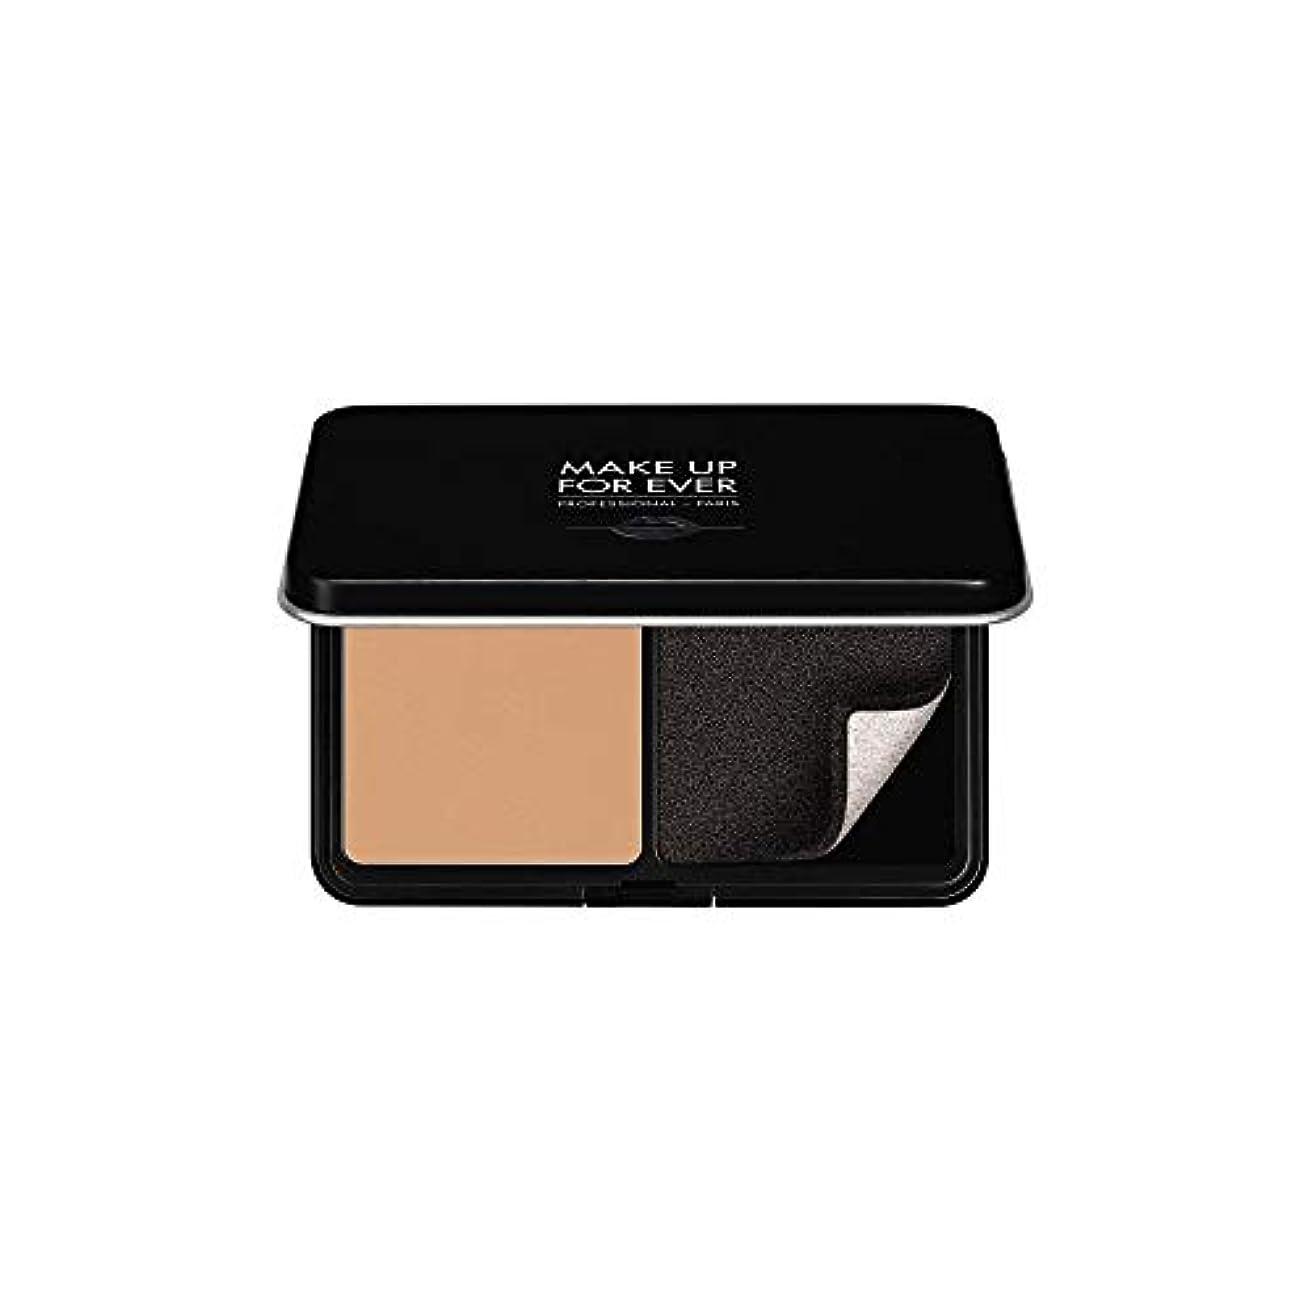 麦芽介入するシャーロットブロンテメイクアップフォーエバー Matte Velvet Skin Blurring Powder Foundation - # Y345 (Natural Beige) 11g/0.38oz並行輸入品